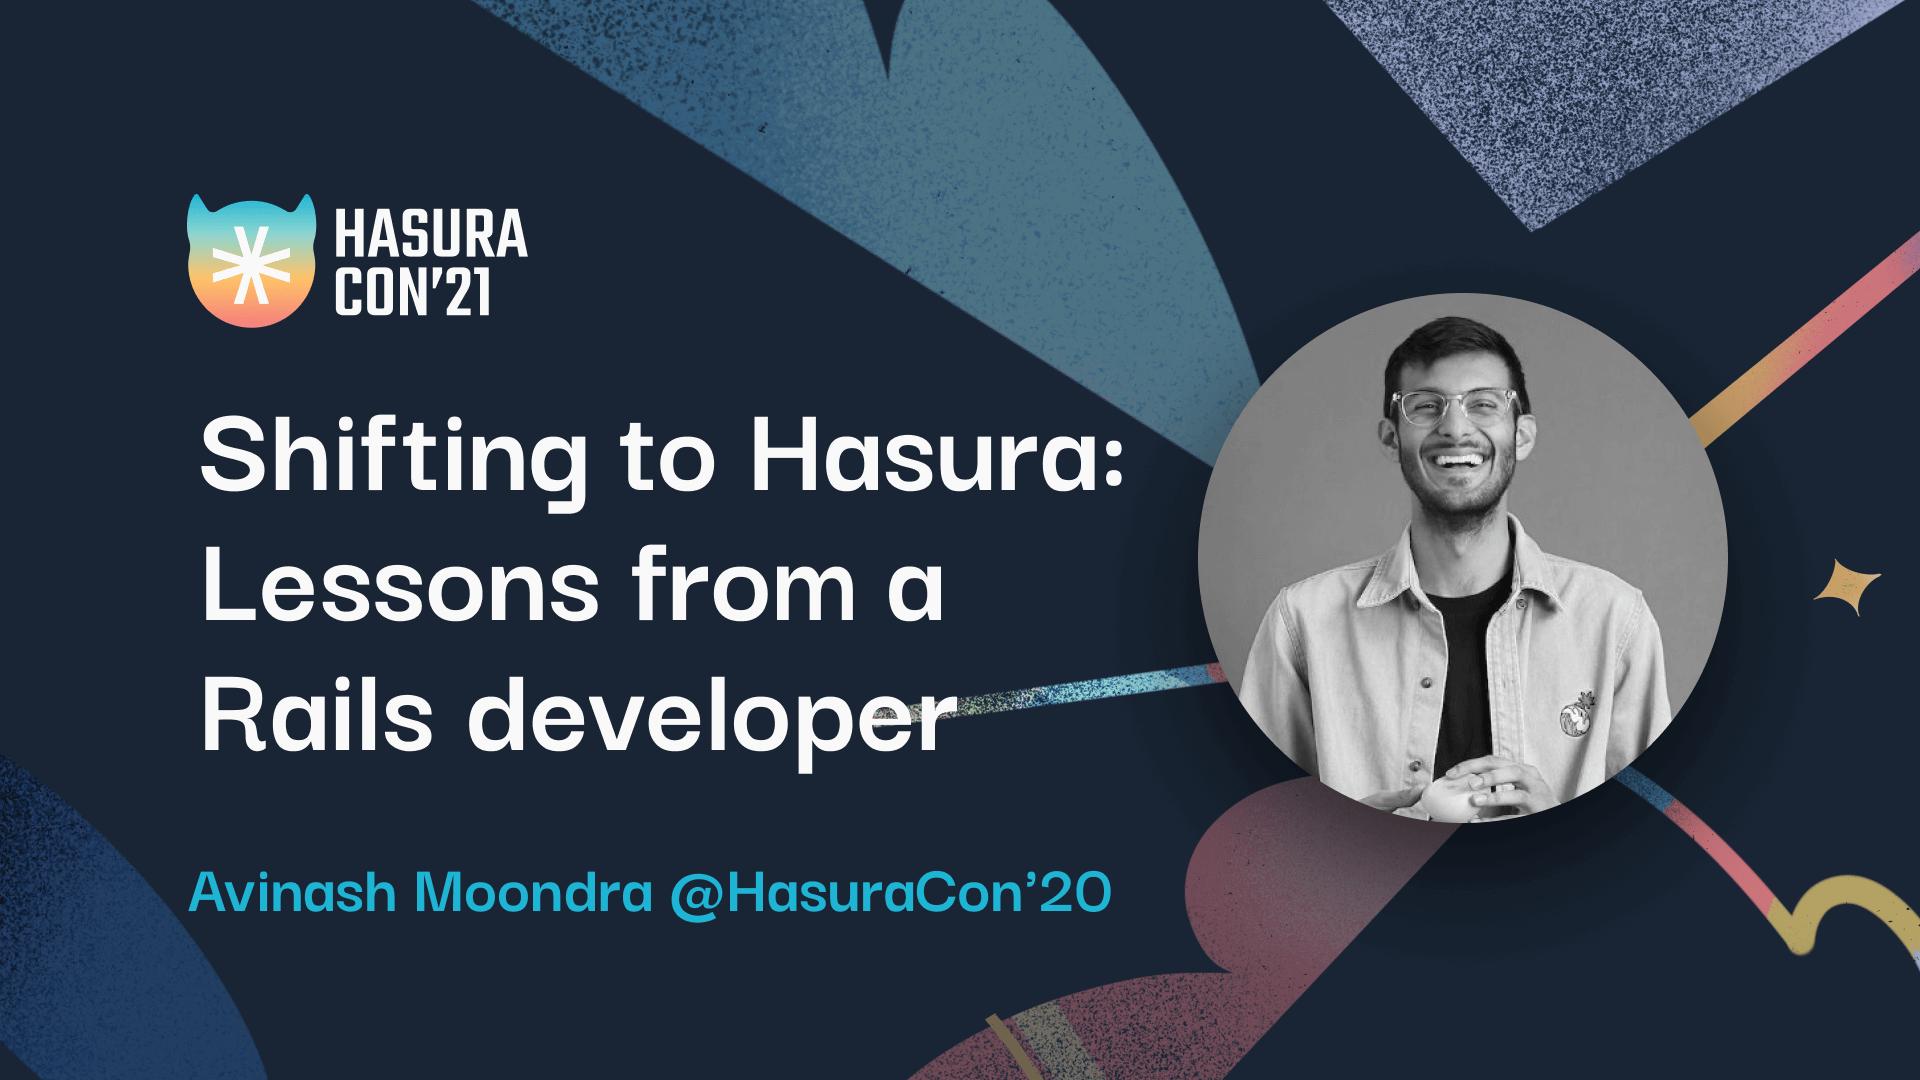 Shifting to Hasura: Lessons from a Rails developer by Avinash Moondra @HasuraCon'20